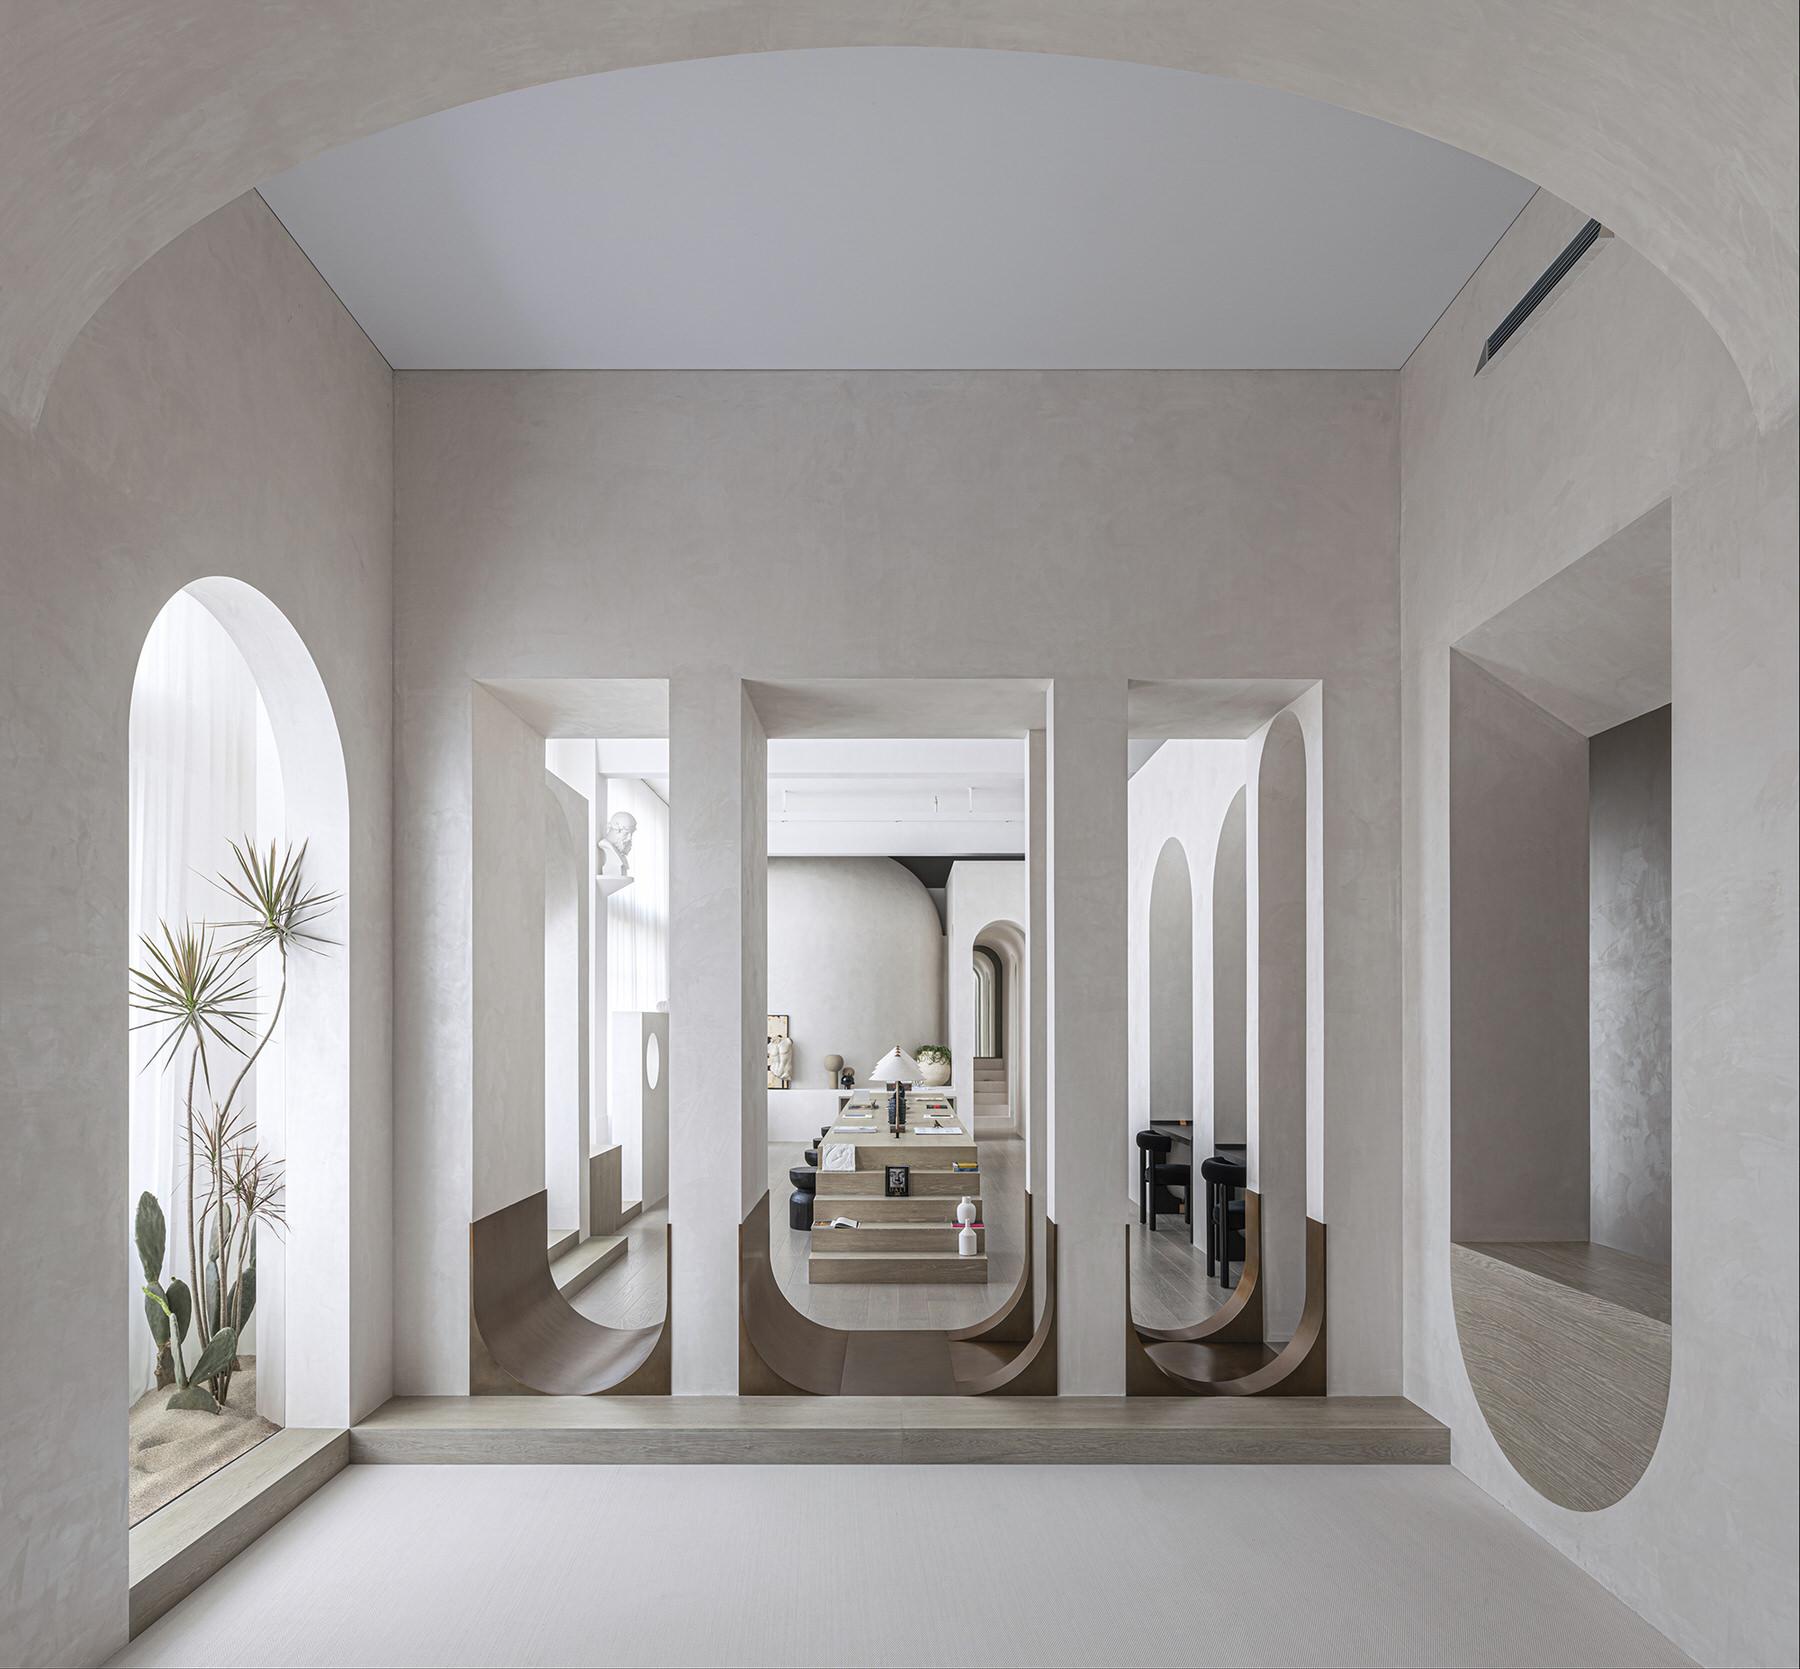 משרד עם ארכיטקטורה קלאסית